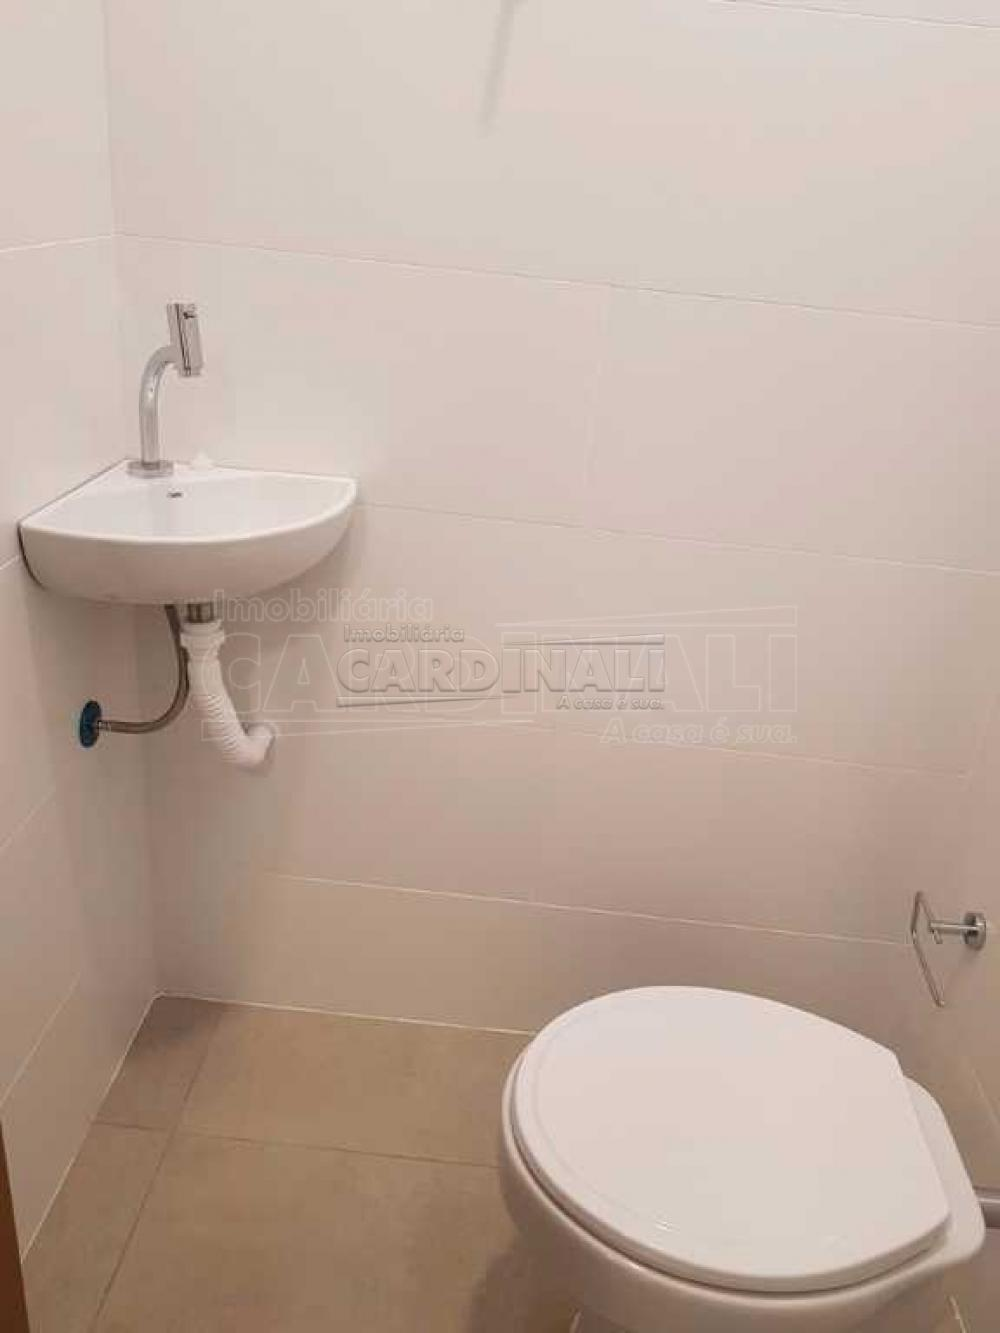 Alugar Comercial / Sala / Salão com Condomínio em São Carlos R$ 980,00 - Foto 6